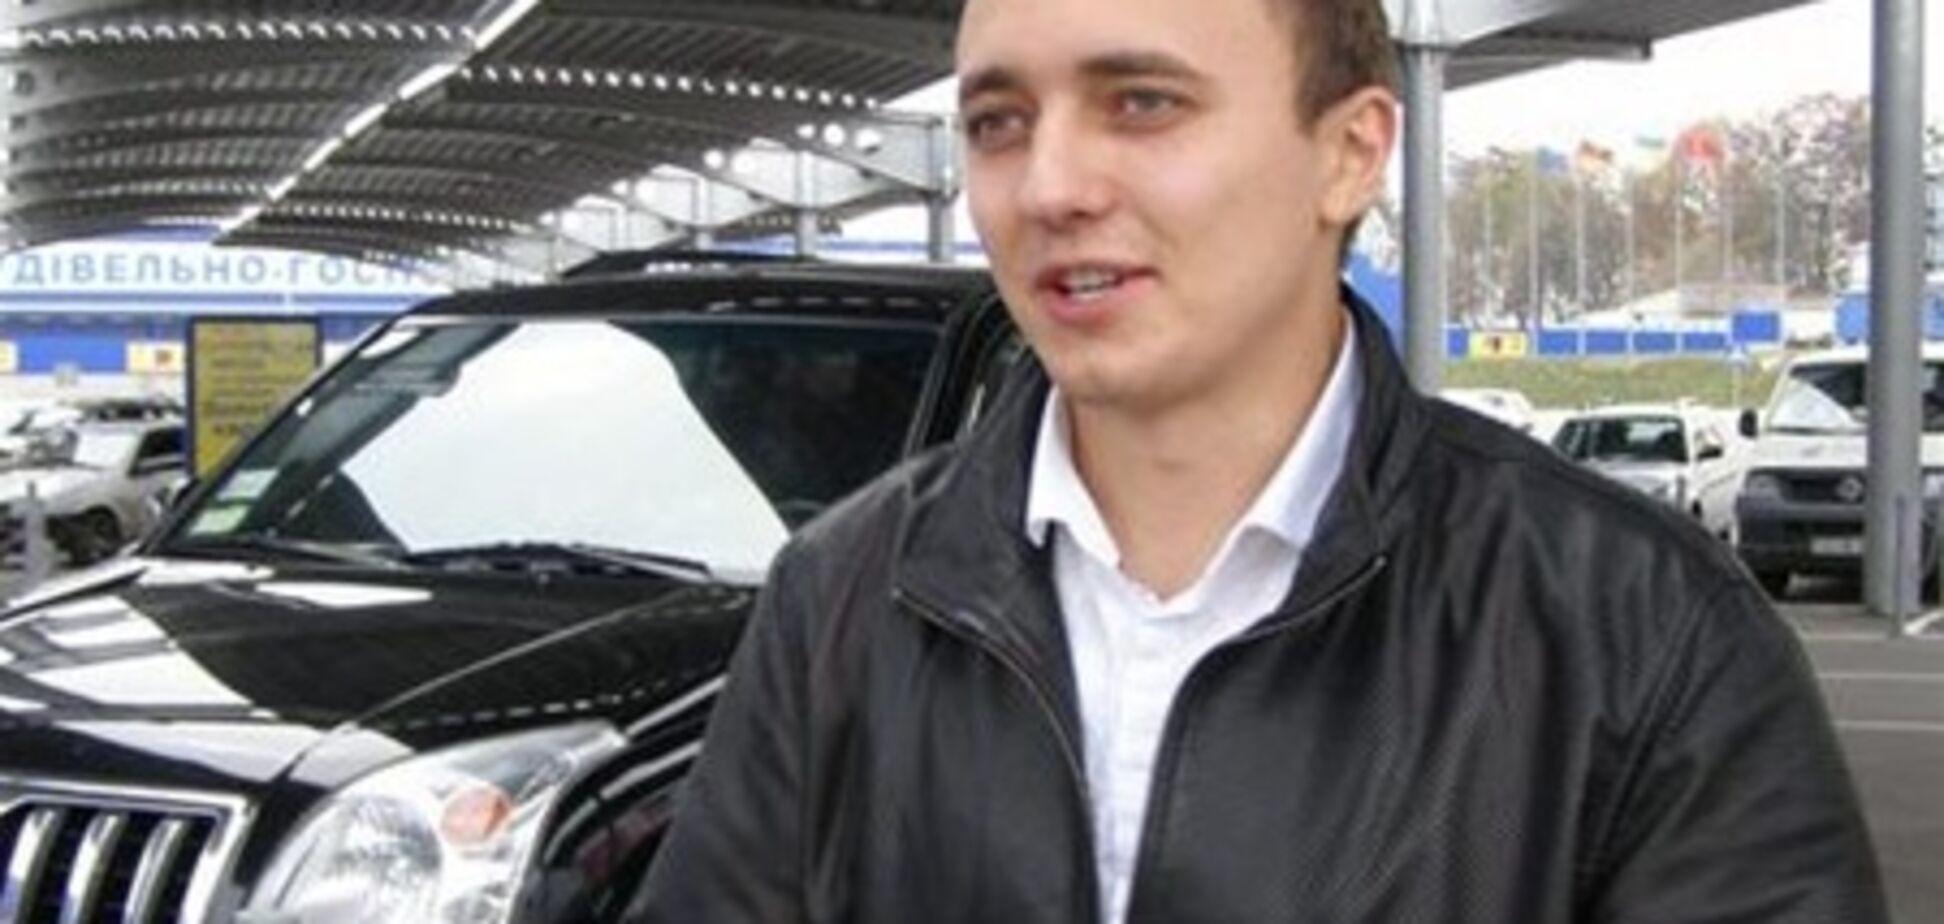 Мэр Немирова сбил сотрудника СБУ и сбежал с места ДТП